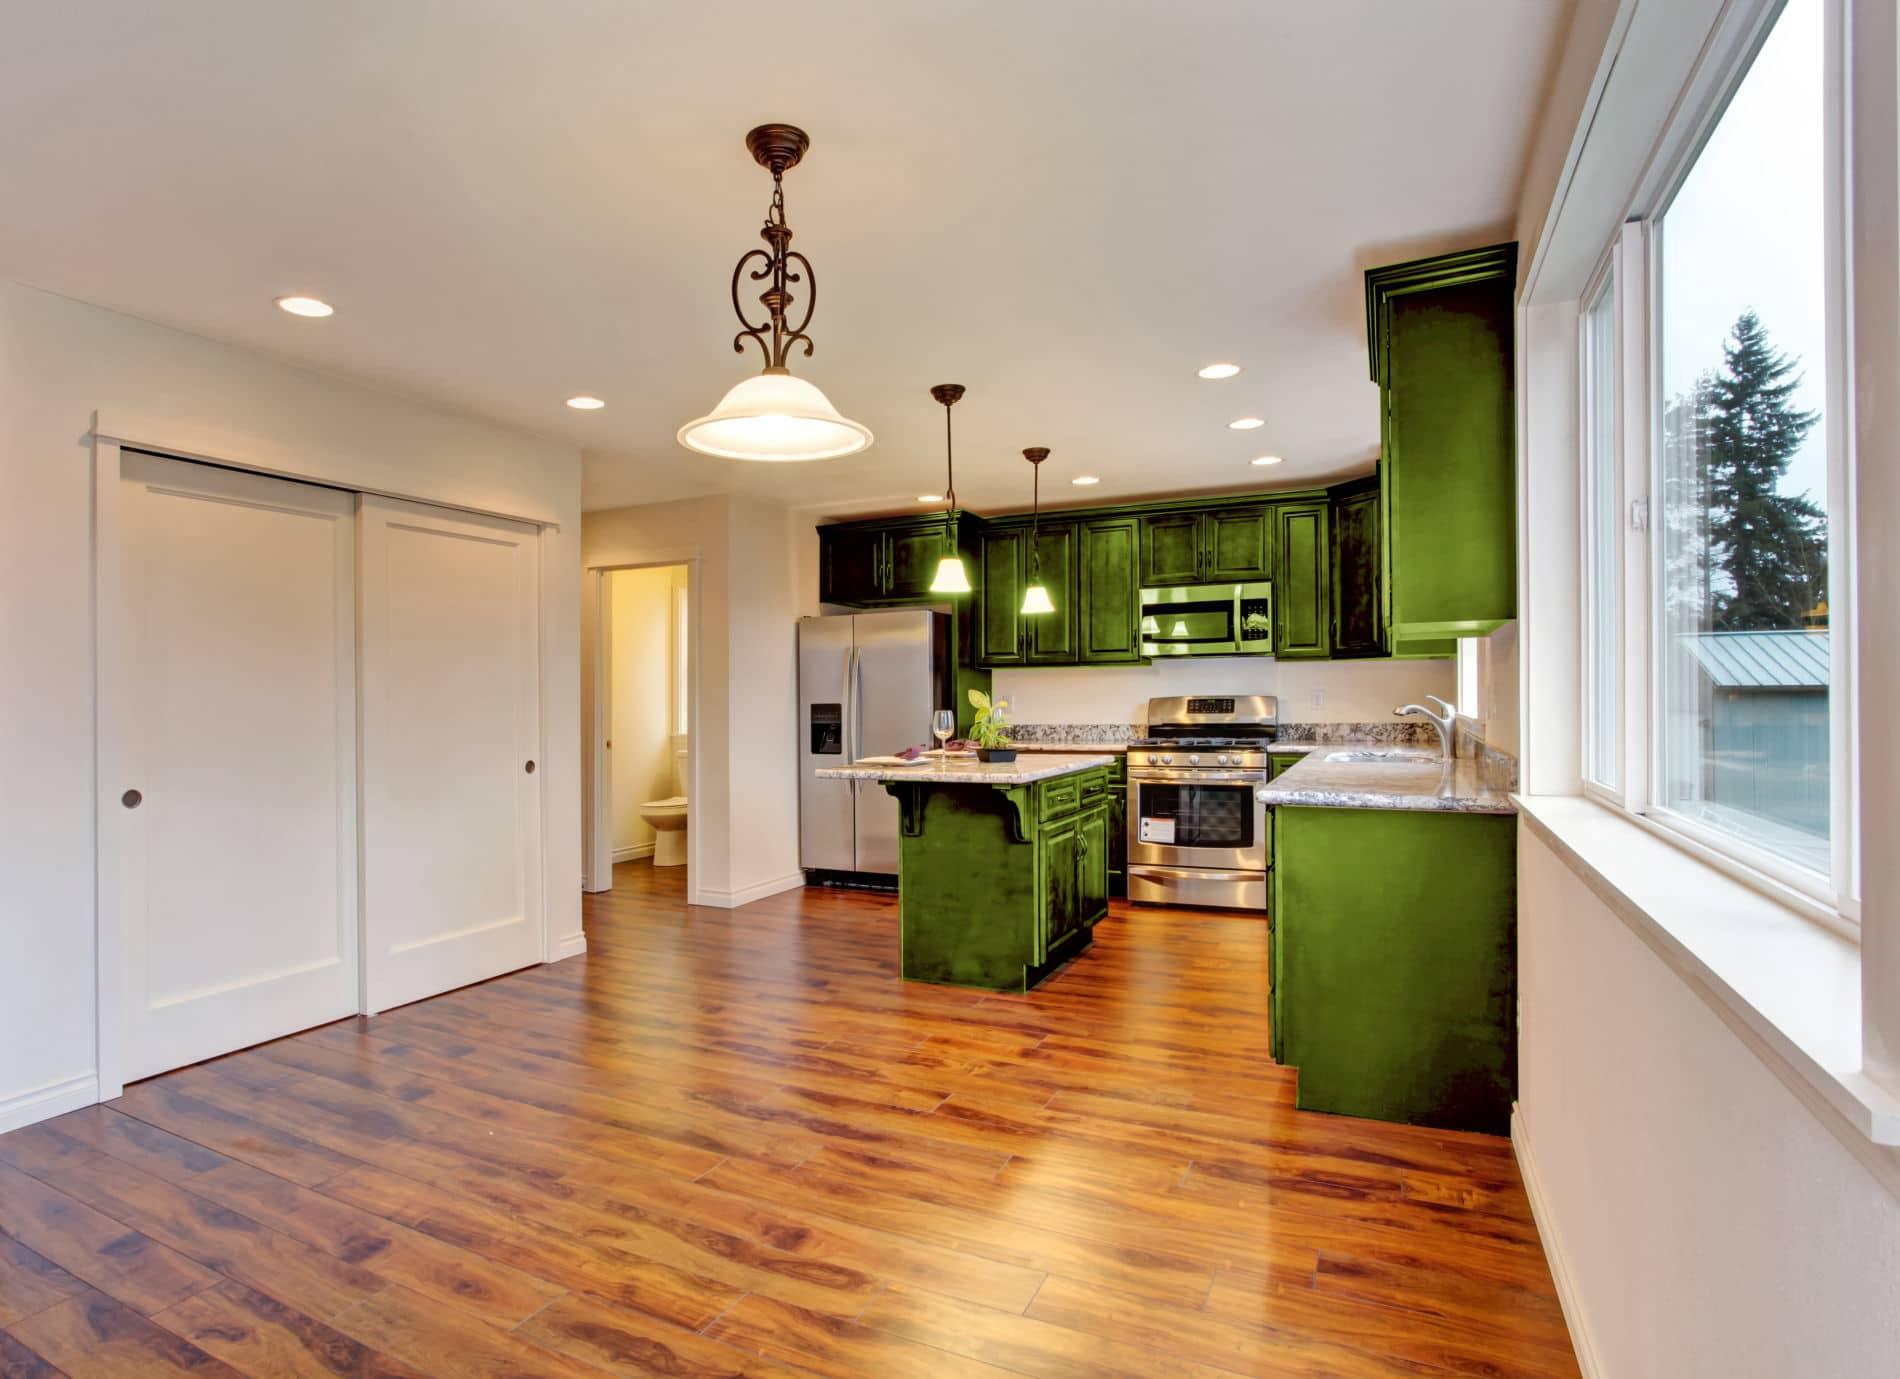 מטבחים מעץ בעלי החברות לעיצוב והרכבה של מטבחים עם ציוד מקצועי עם ניסיון רב בשנים שיודעים לספק פתרונות להתאמת תנורים גדולים לכל מטבח תוך כדי אפיון דרישות הלקוח ומסירת המטבח